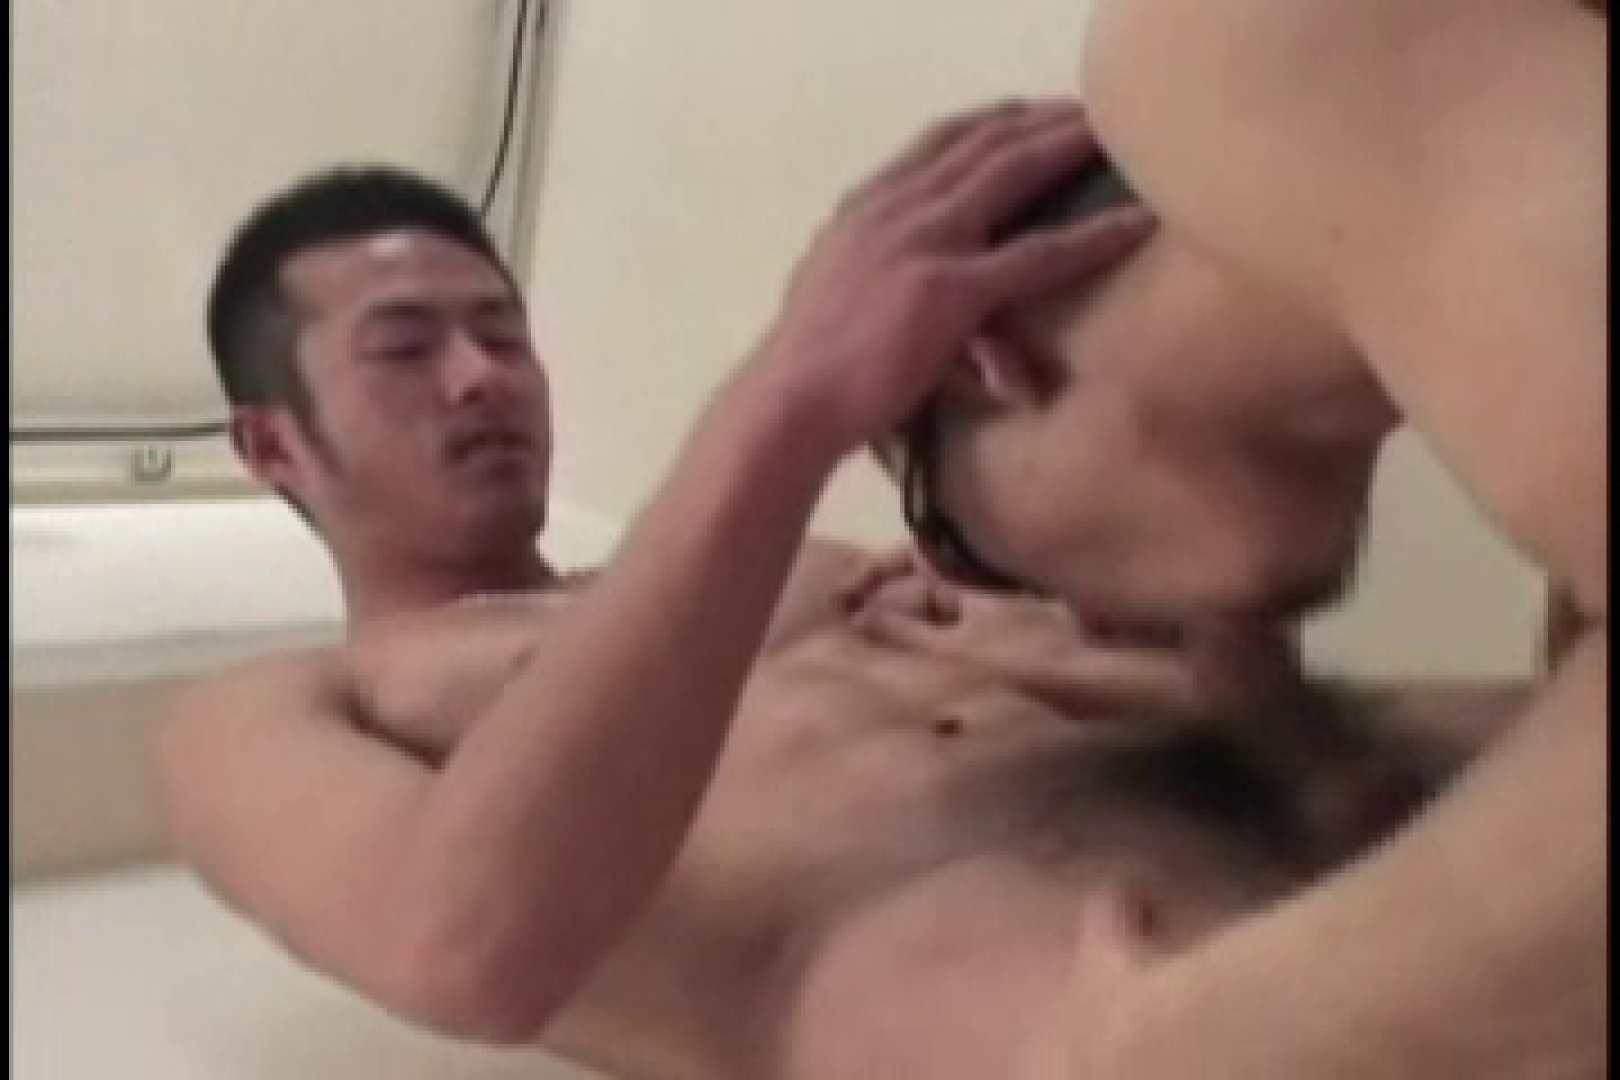 スリ筋!!スポメンのDANKON最高!!take.04 ゴーグルマン ゲイアダルト画像 111pic 88